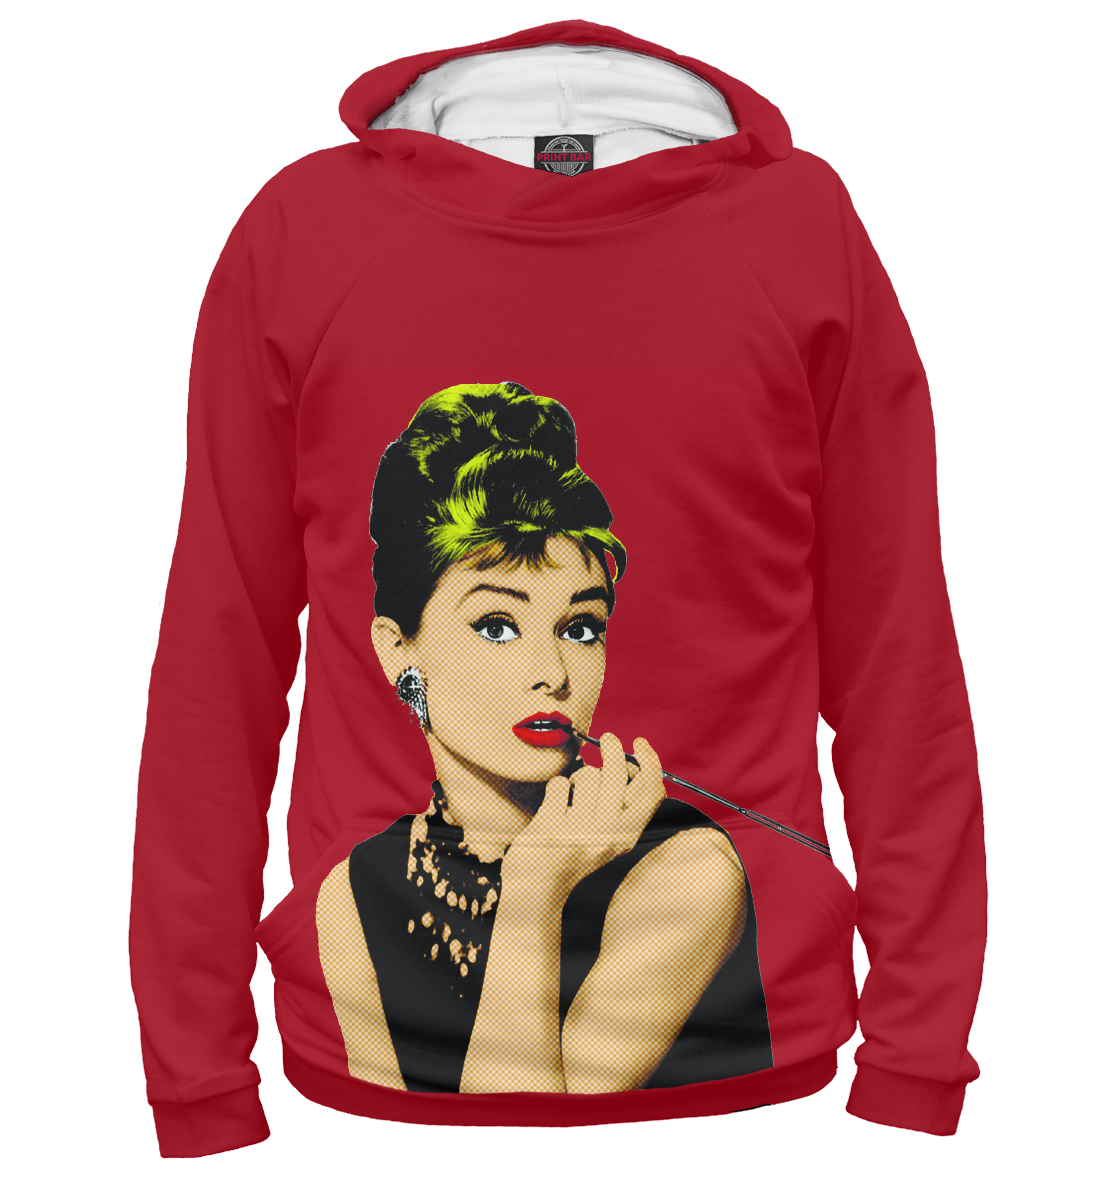 Купить Одри Хепберн, Printbar, Худи, POP-902421-hud-1